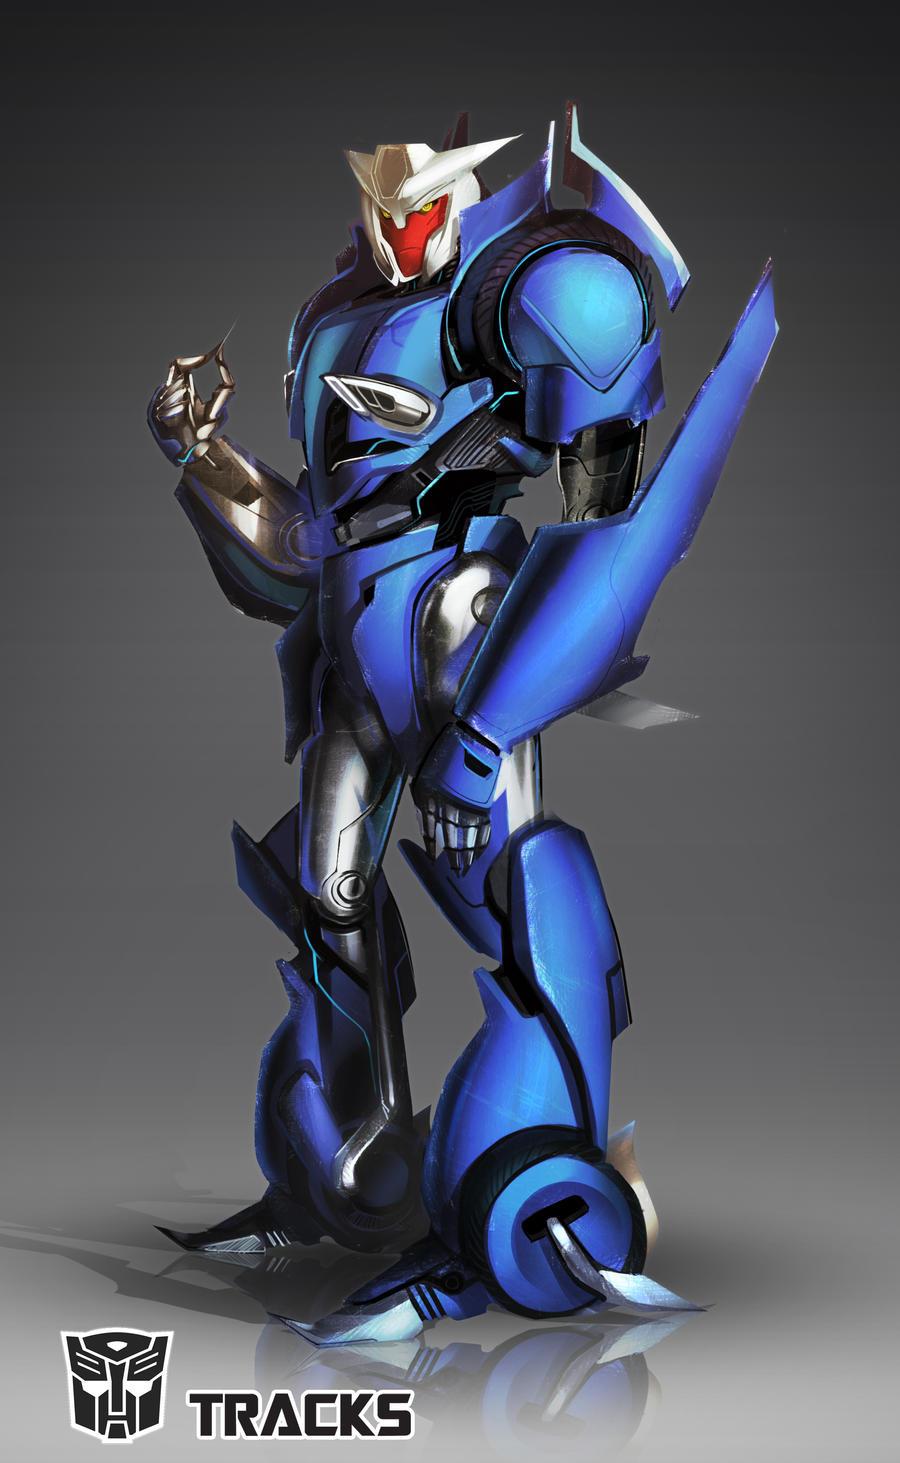 [Pro Art et Fan Art] Artistes à découvrir: Séries Animé Transformers, Films Transformers et non TF - Page 5 Transformers_prime__tracks_by_farfie_kins-d4dgo0f